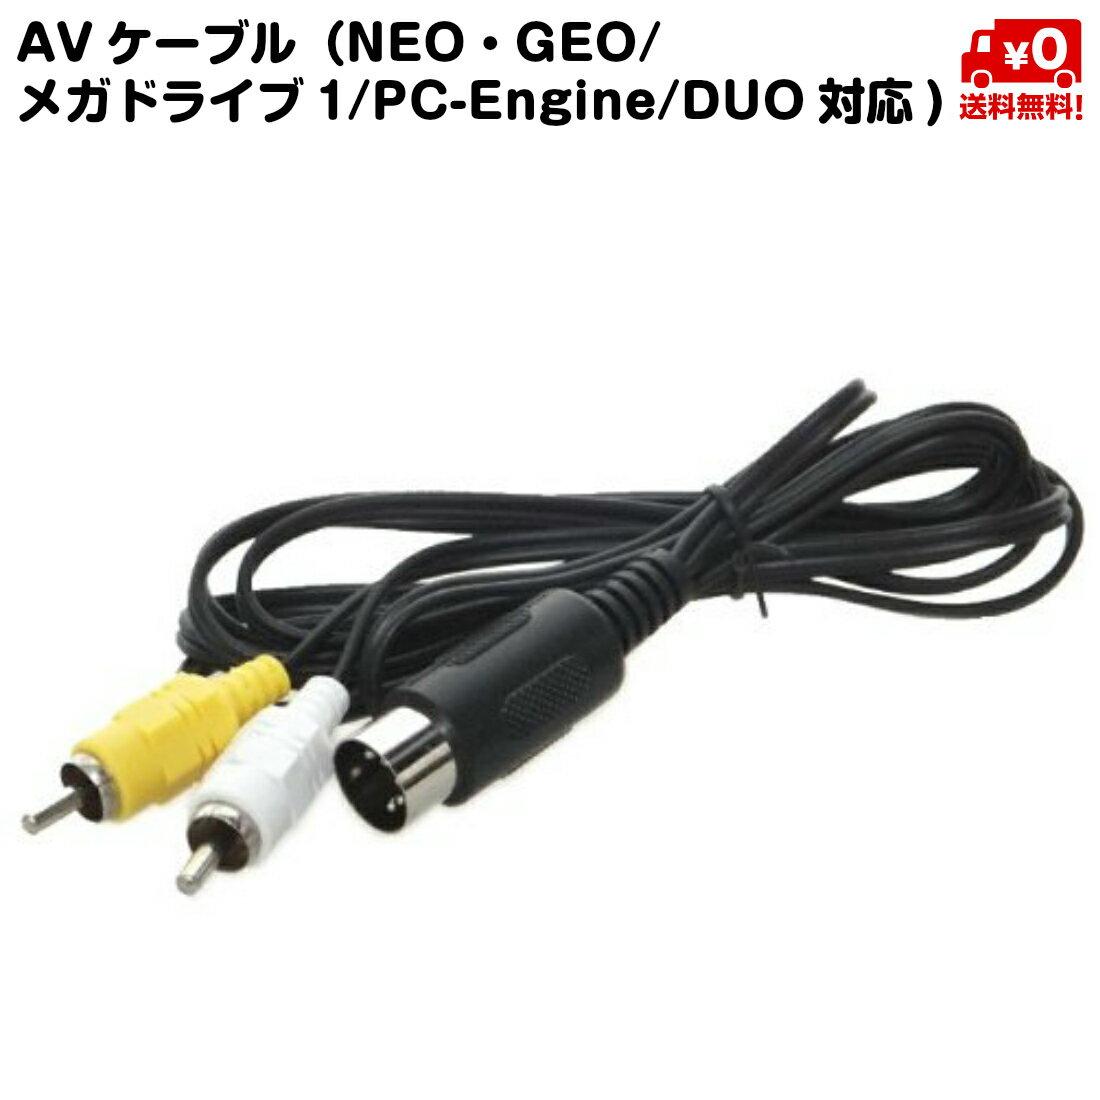 AVケーブル, その他 AV NEOGEO 1 PC-Engine DUO